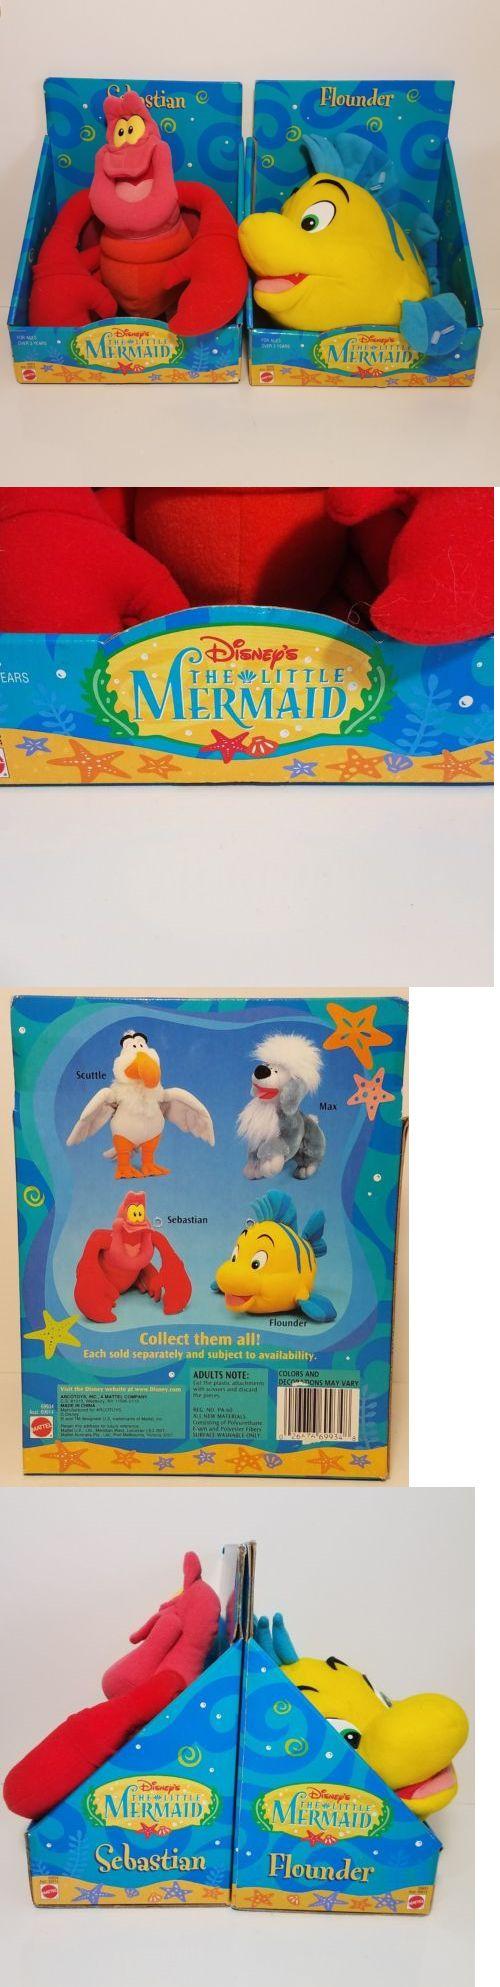 Little Mermaid 44036: New Vtg Mattel Disney Little Mermaid Sebastian And Flounder 10 Plush Toy Lot Rare -> BUY IT NOW ONLY: $74.99 on eBay!